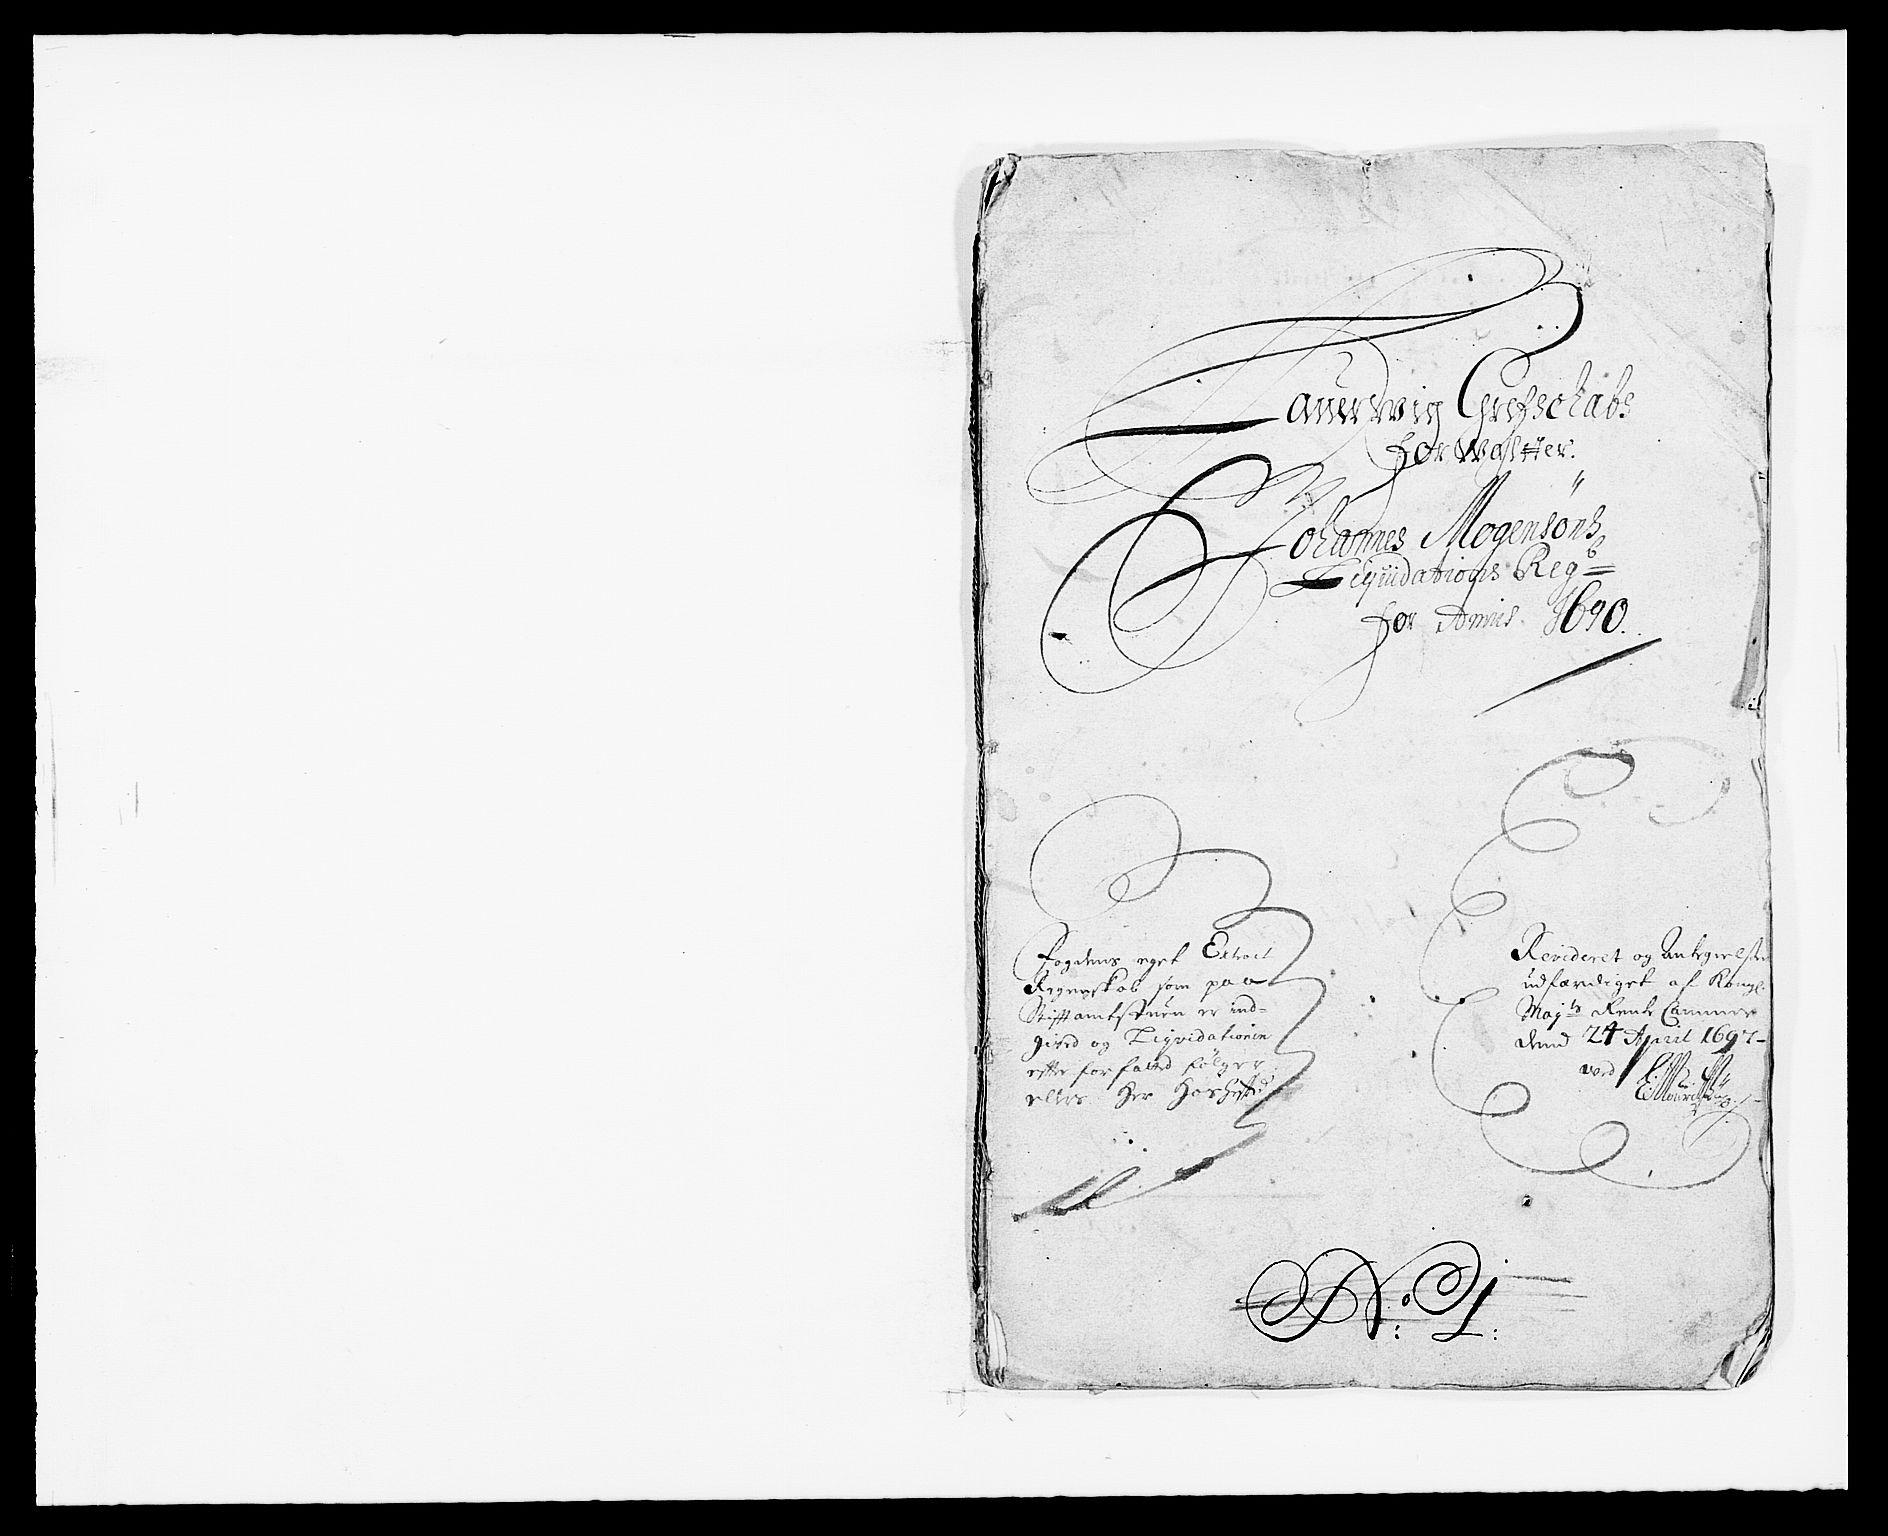 RA, Rentekammeret inntil 1814, Reviderte regnskaper, Fogderegnskap, R33/L1972: Fogderegnskap Larvik grevskap, 1690-1691, s. 1